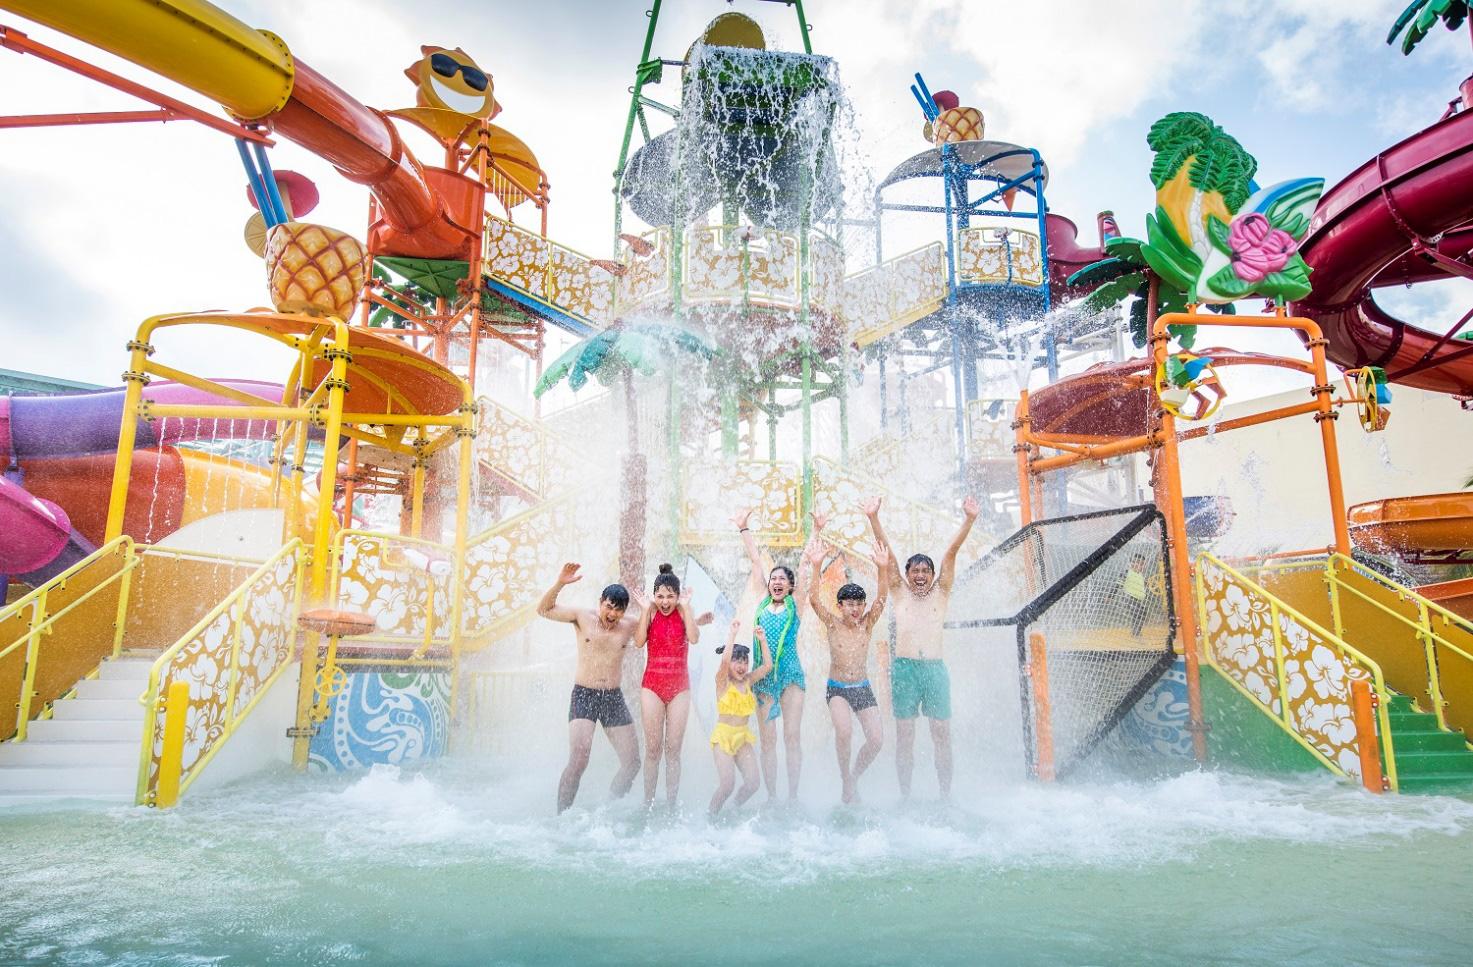 Trải nghiệm thiên đường mua sắm - vui chơi tại Phú Quốc - Ảnh 4.